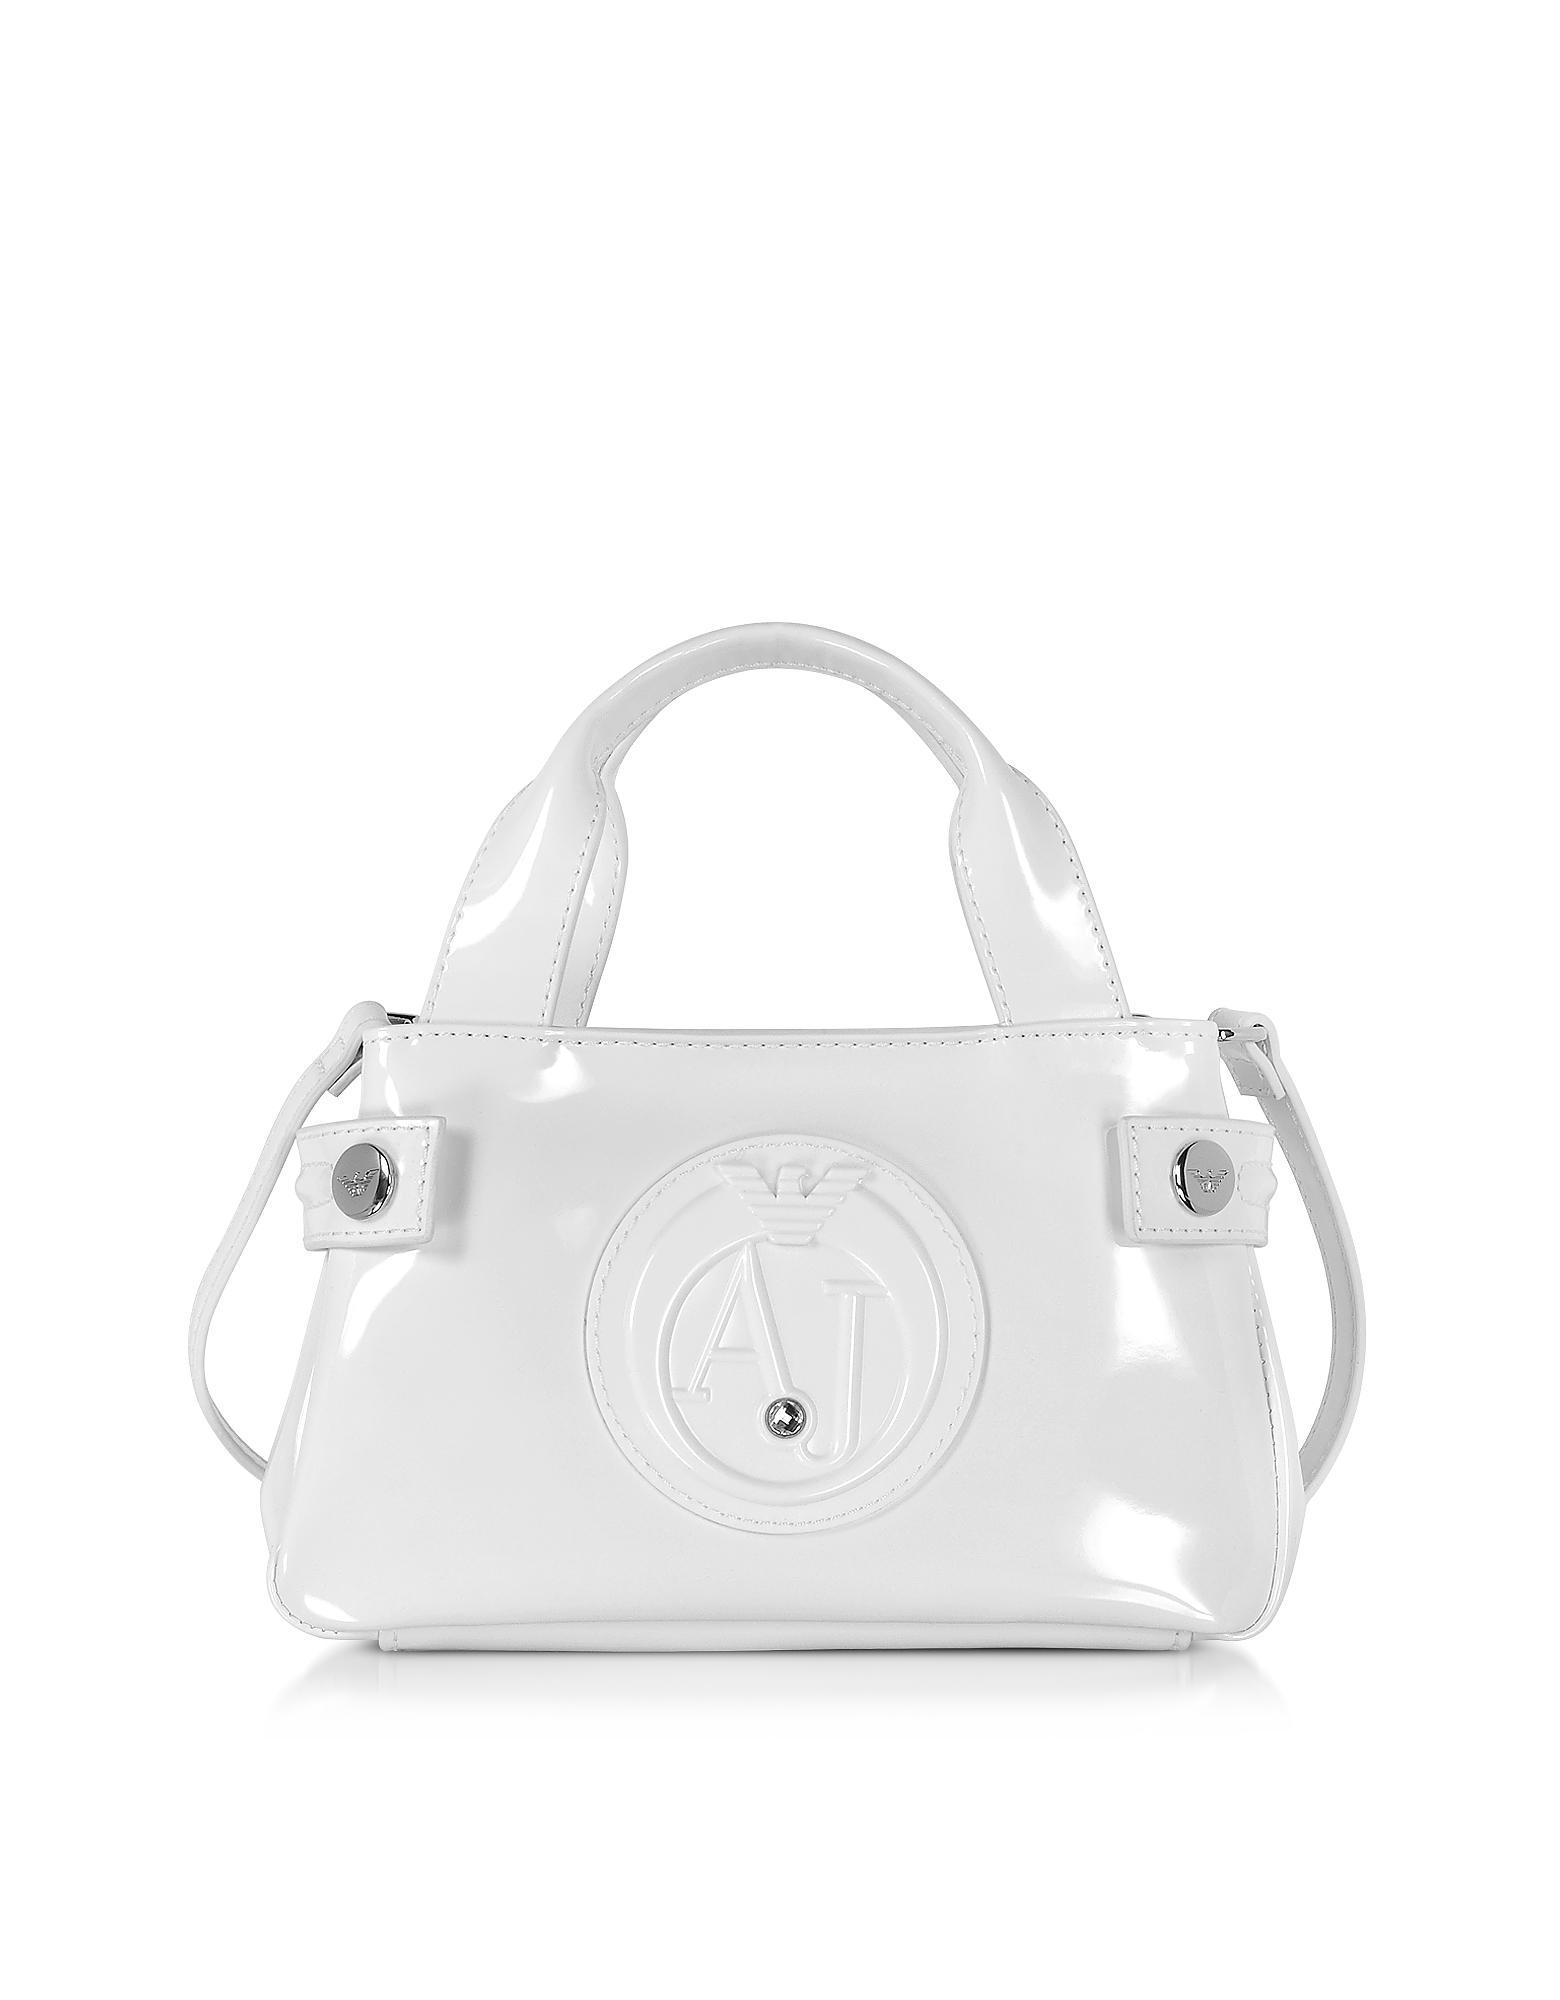 344b1481de58 Lyst - Armani Jeans Signature Mini Patent Leather Tote Bag in White